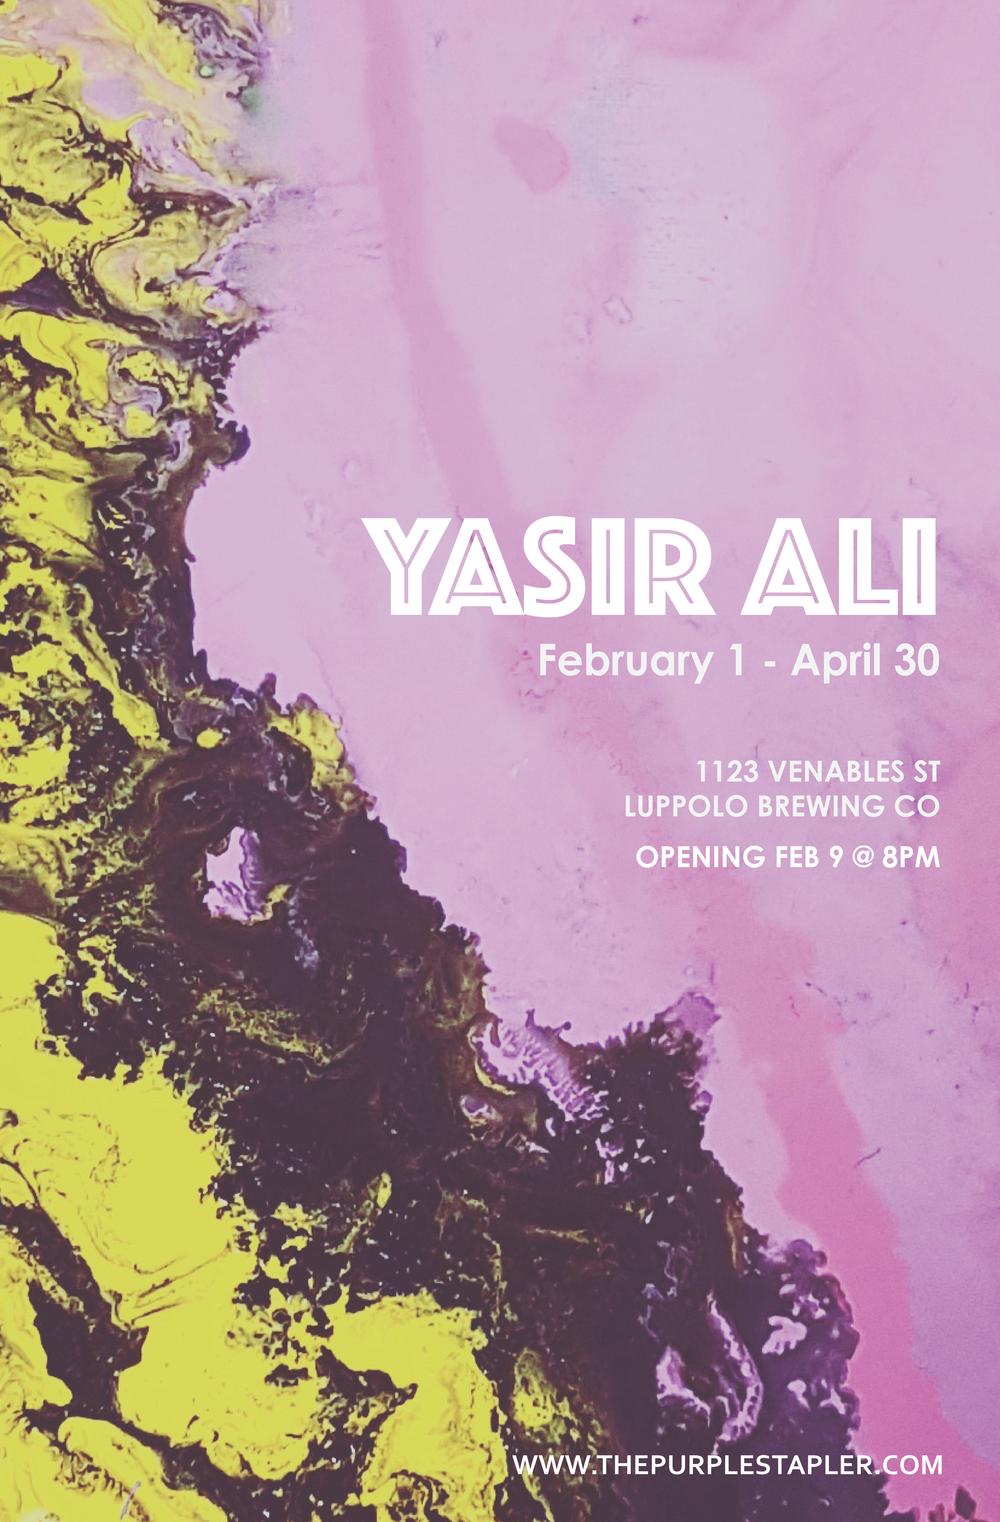 2018psas_yasir_poster4-01.png